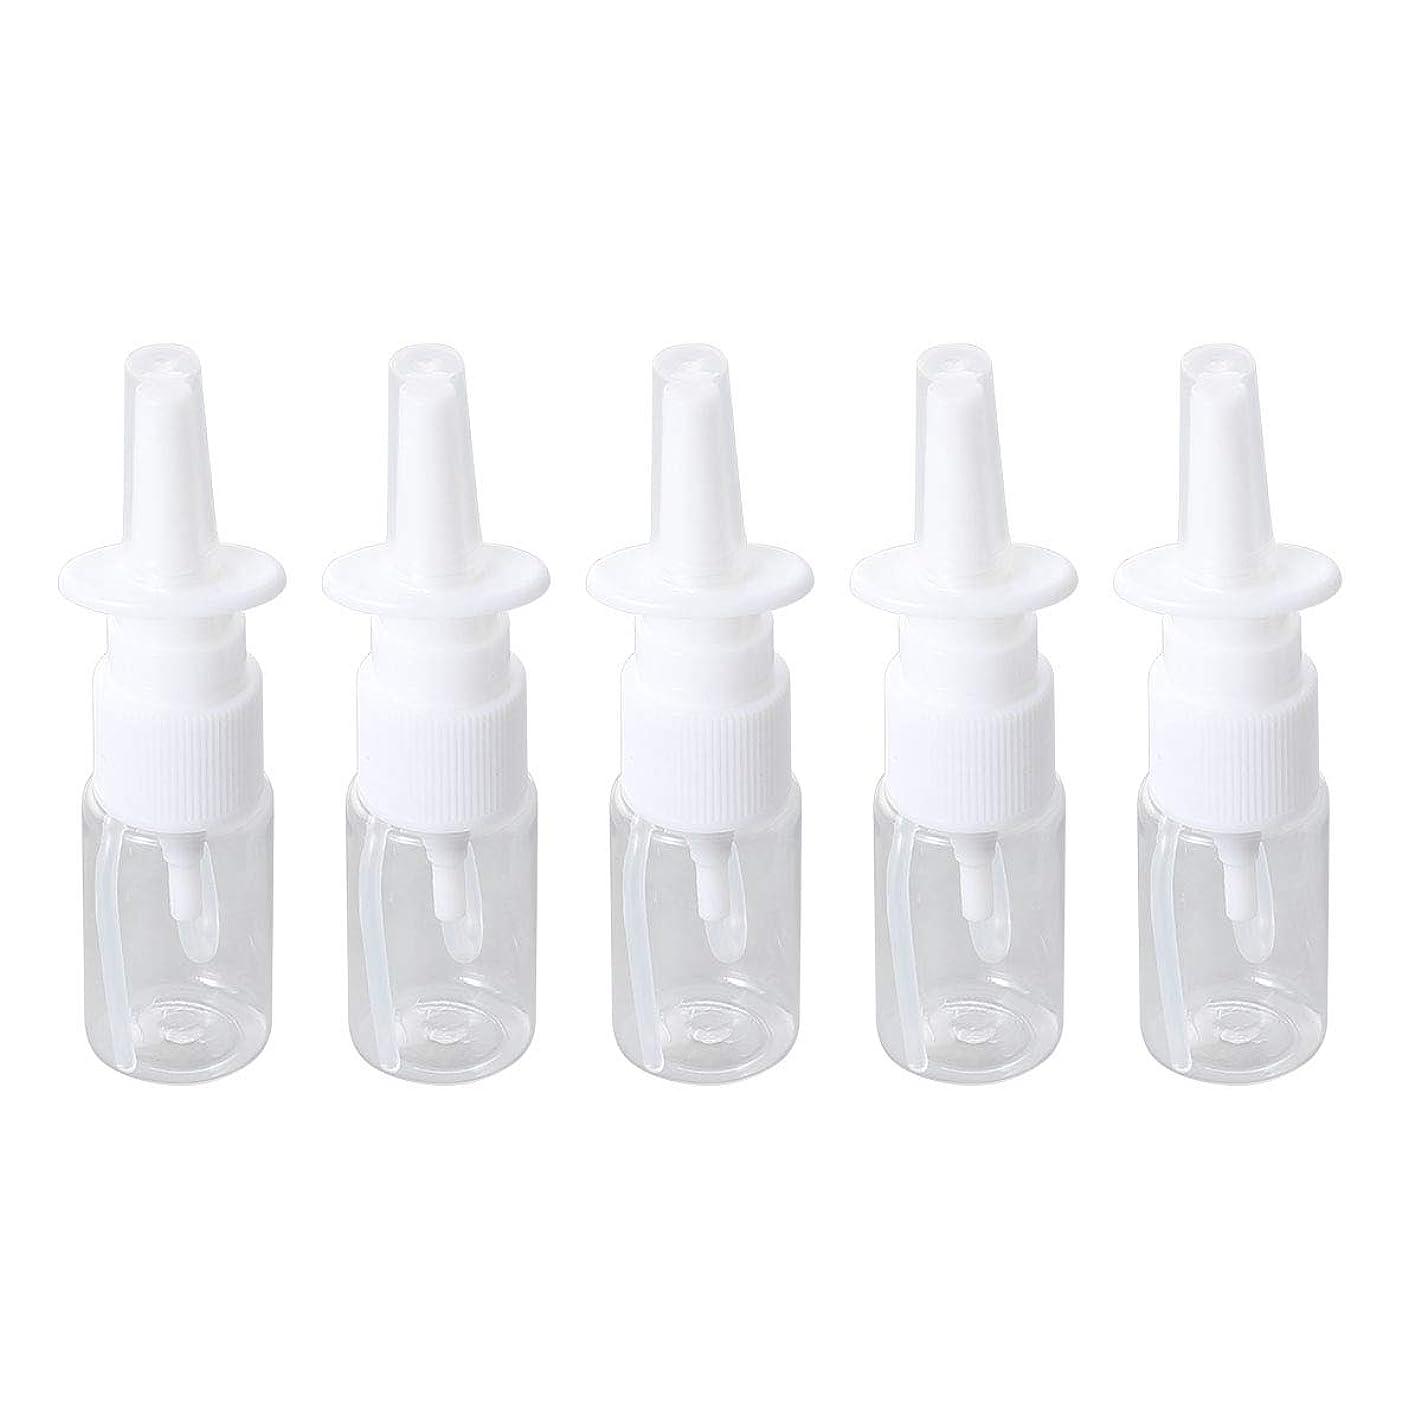 台無しに閉塞バスケットボールSUPVOX 5本鼻スプレーボトル空の詰め替え式鼻炎スプレーボトル10ml